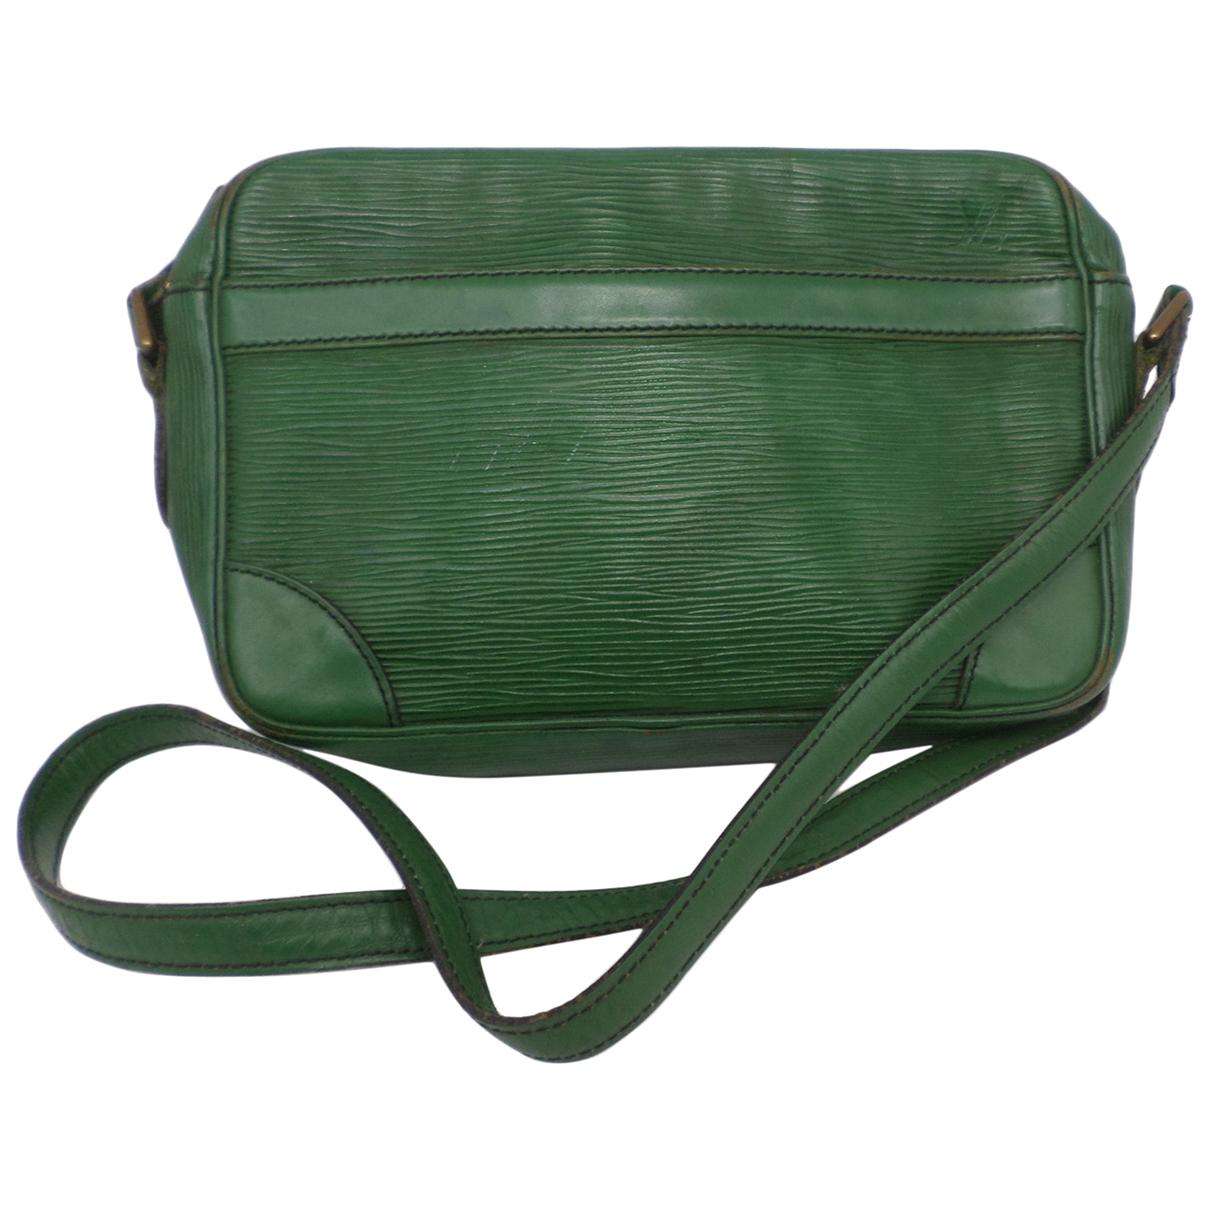 Louis Vuitton - Sac a main Trocadero pour femme en cuir - vert